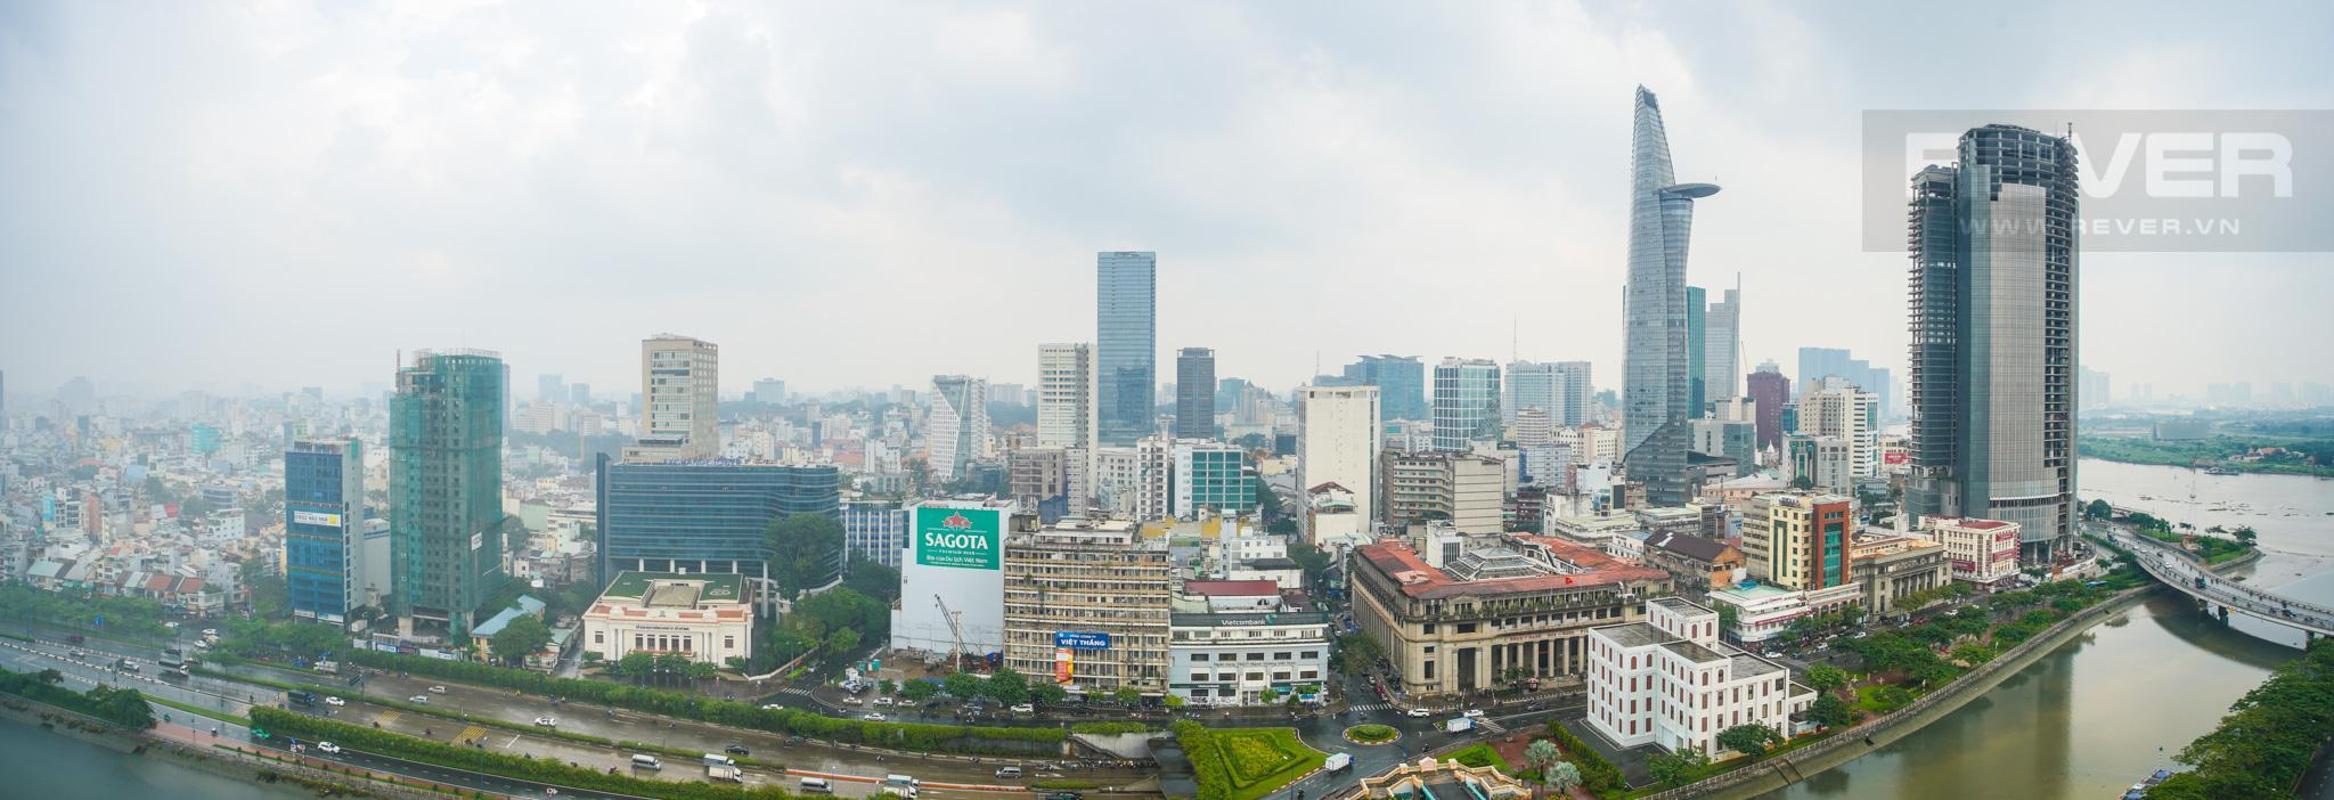 c77c3c25c260243e7d71 Cho thuê căn hộ Saigon Royal 2PN, tầng 21, tháp A, diện tích 88m2, đầy đủ nội thất, view thoáng